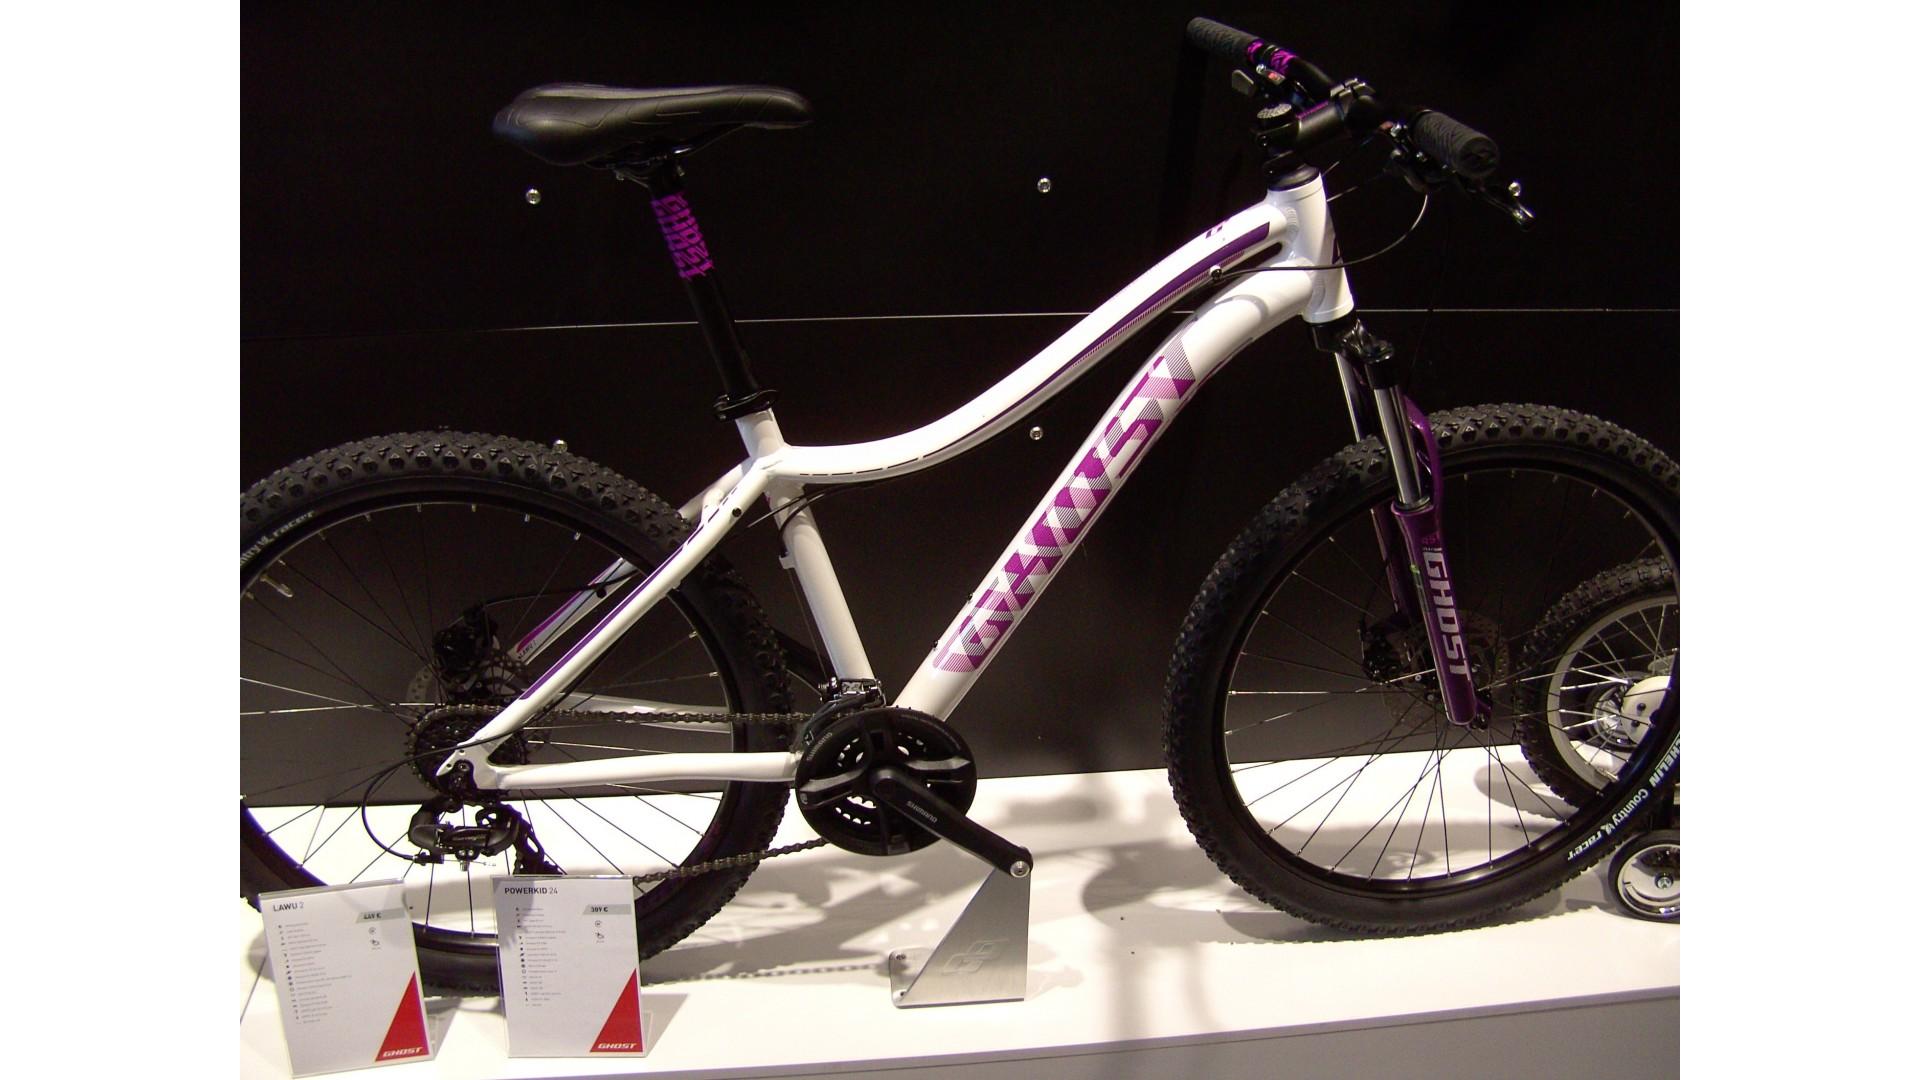 Велосипед GHOST Lawu 2 white/pink/purple евробайк год 2016